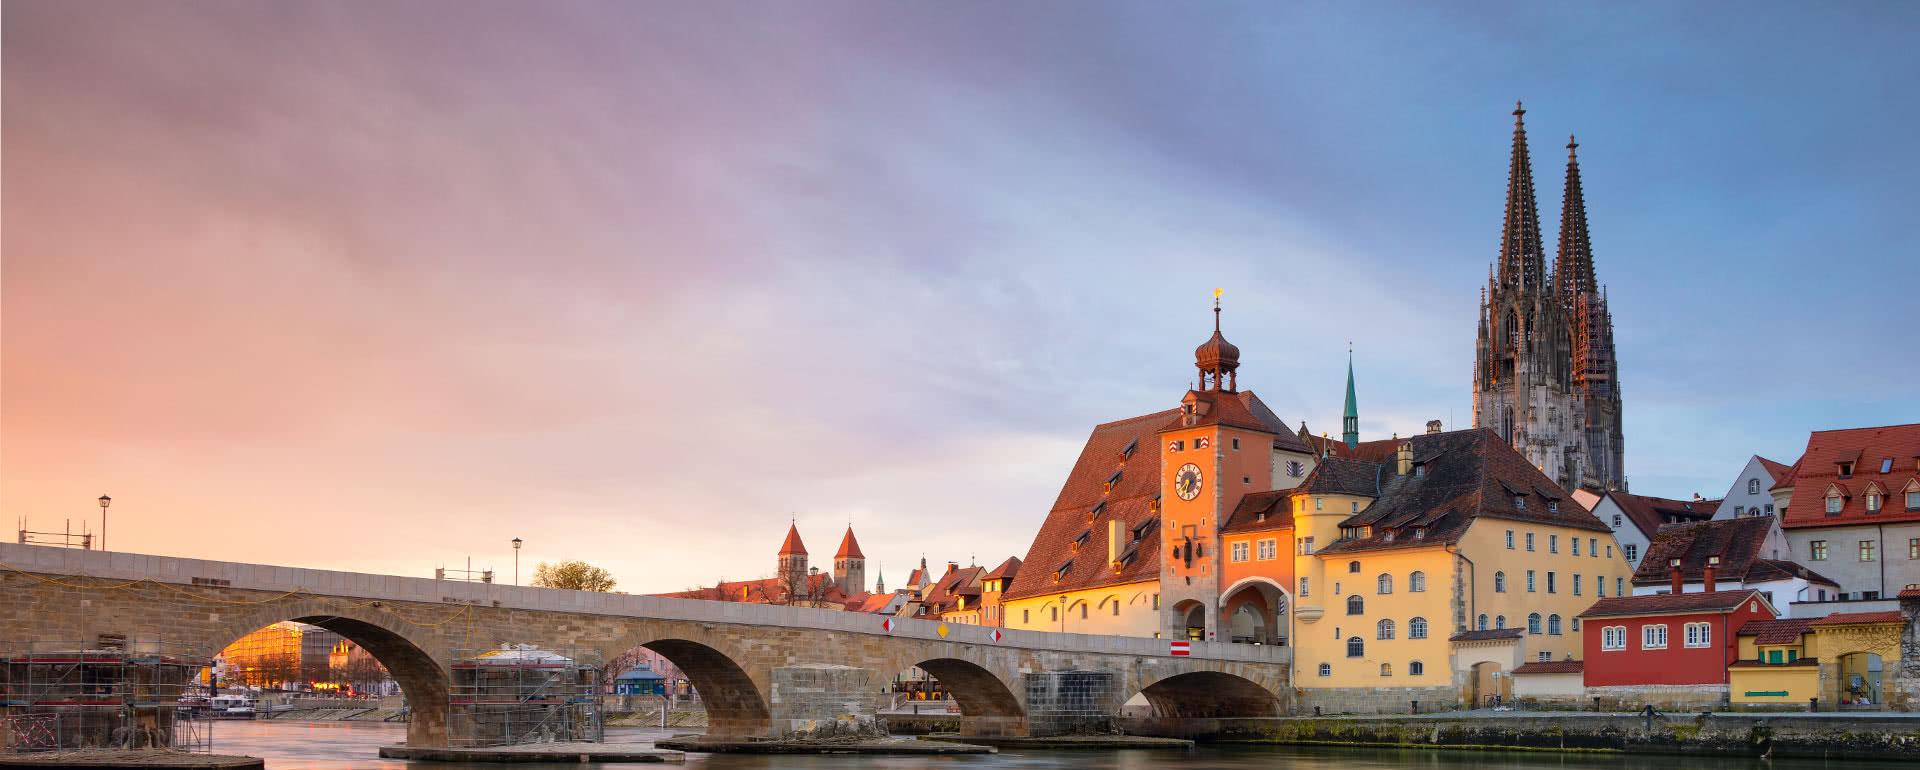 Titelbild von Regensburg